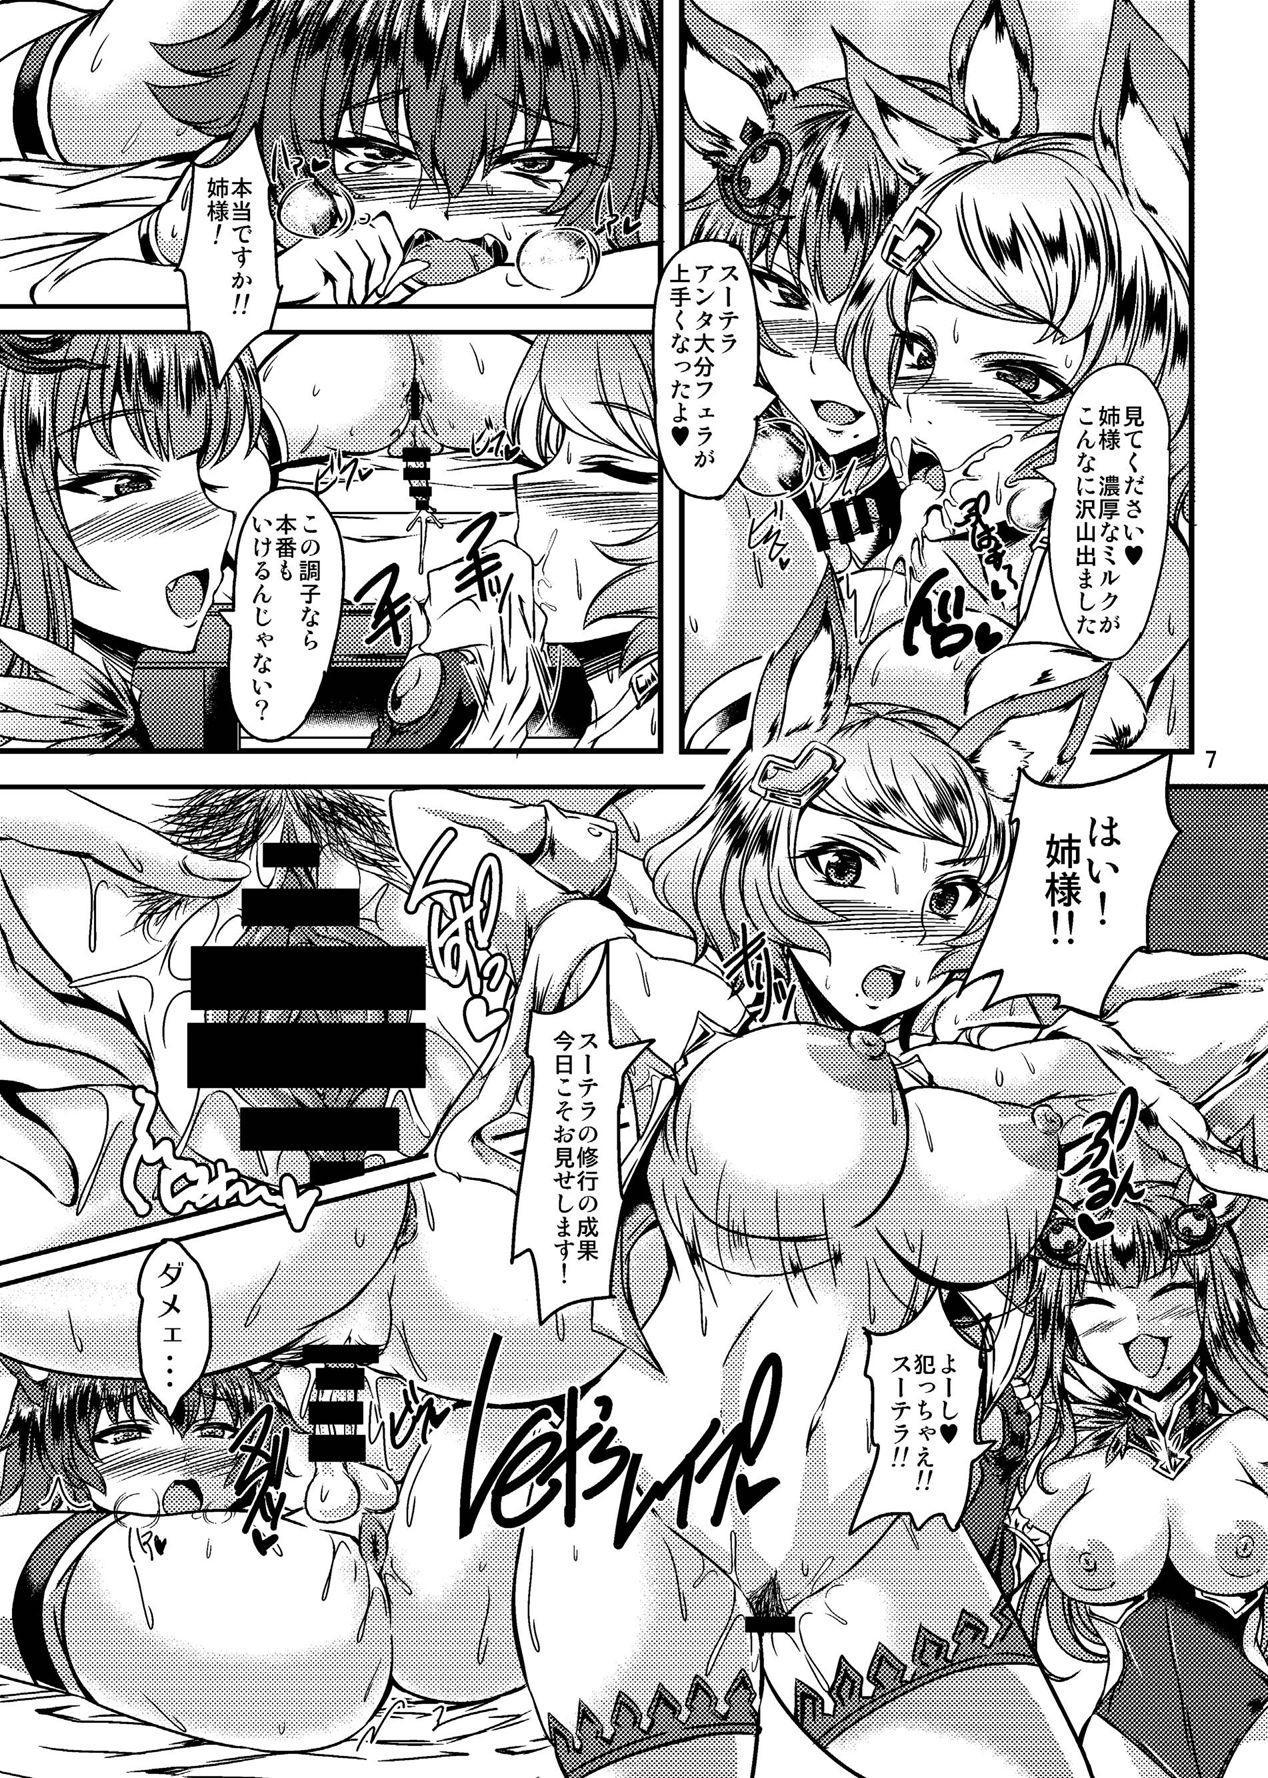 Zenkuu Ichi Bitch Shimai 6